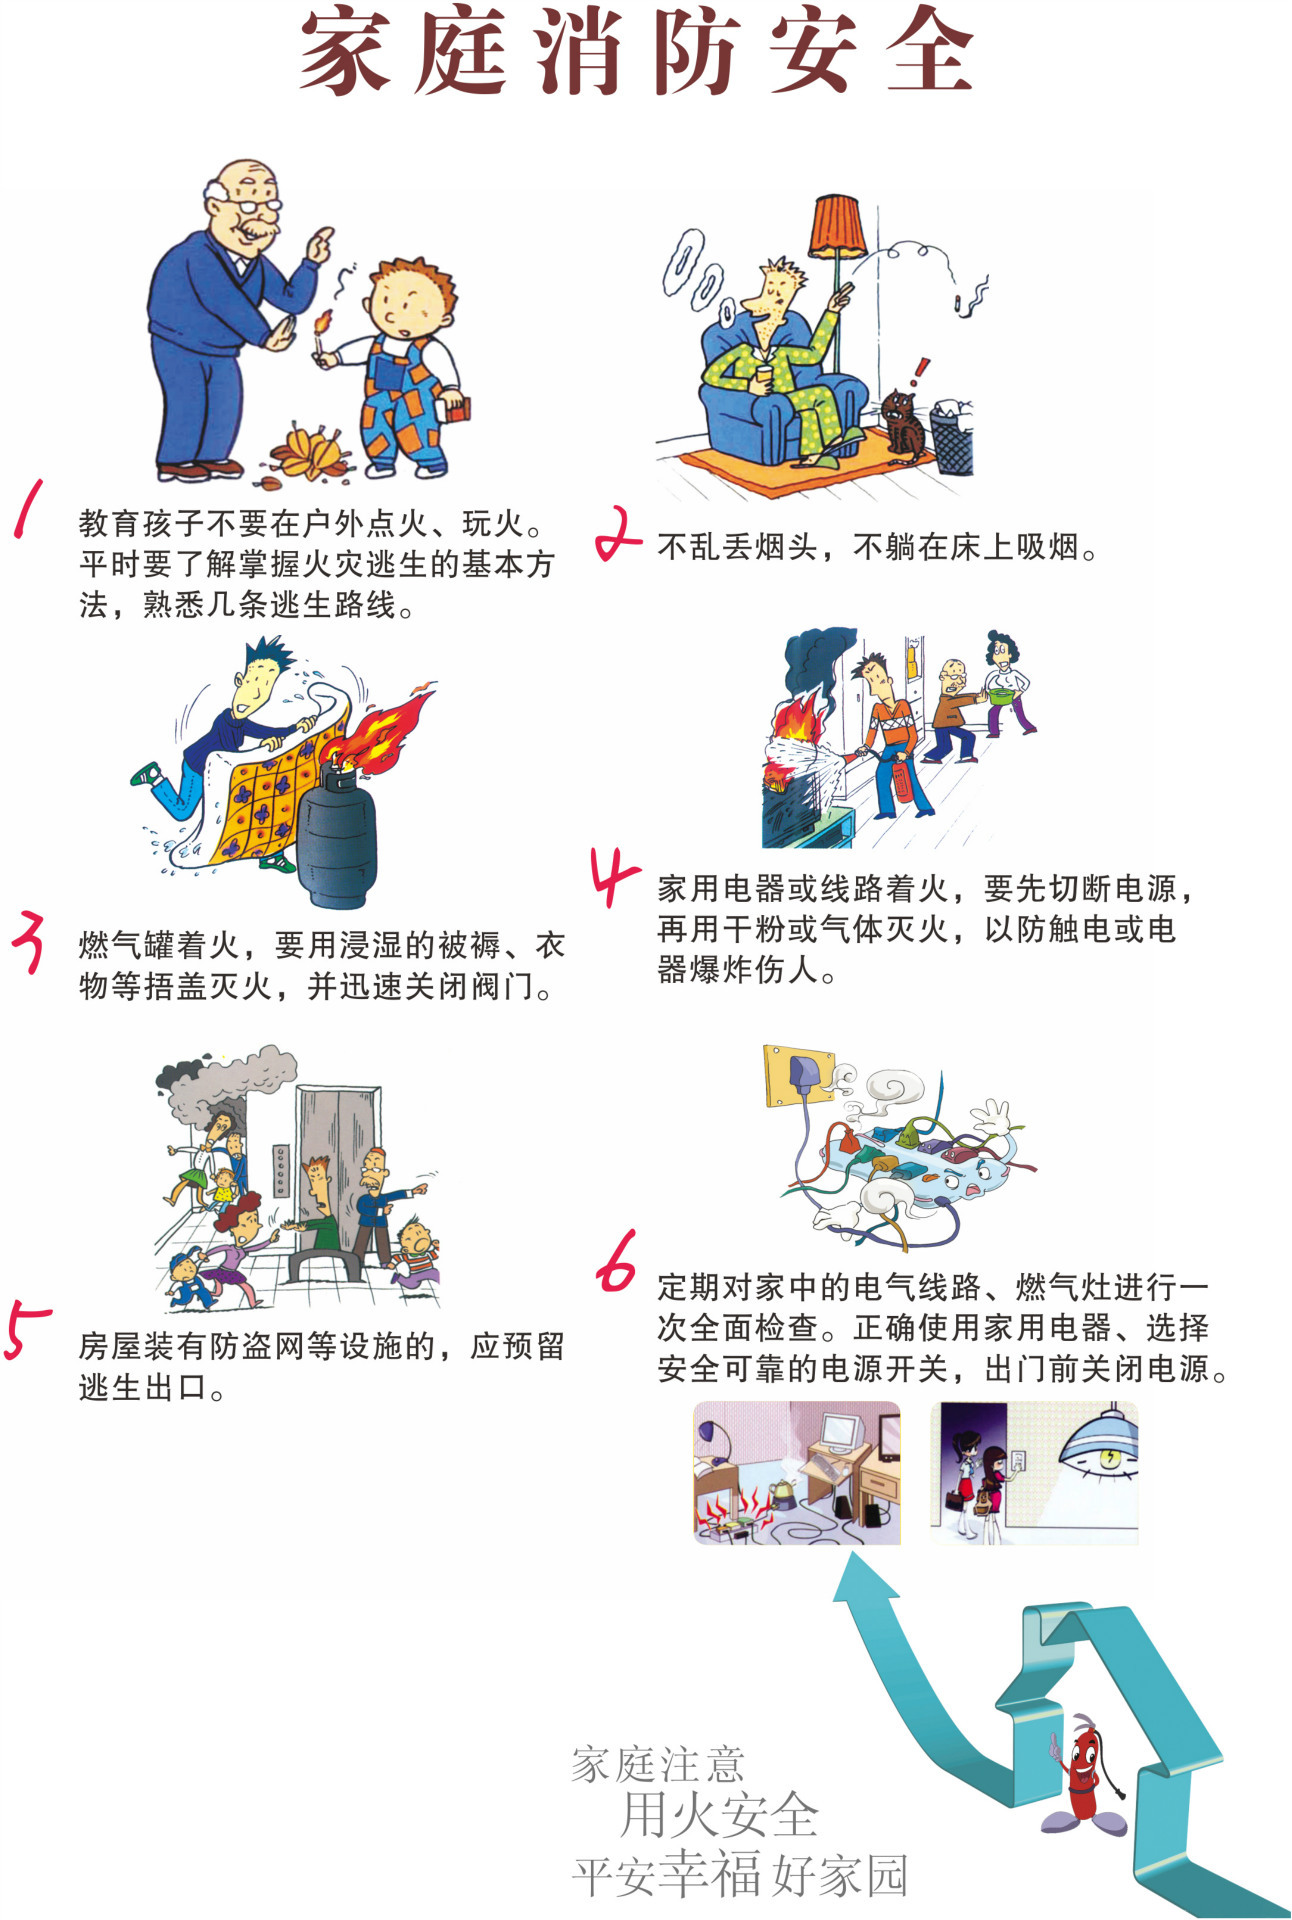 手提式水基型灭火器 不锈钢灭火器 水基型灭火器 手提式灭火器示例图10